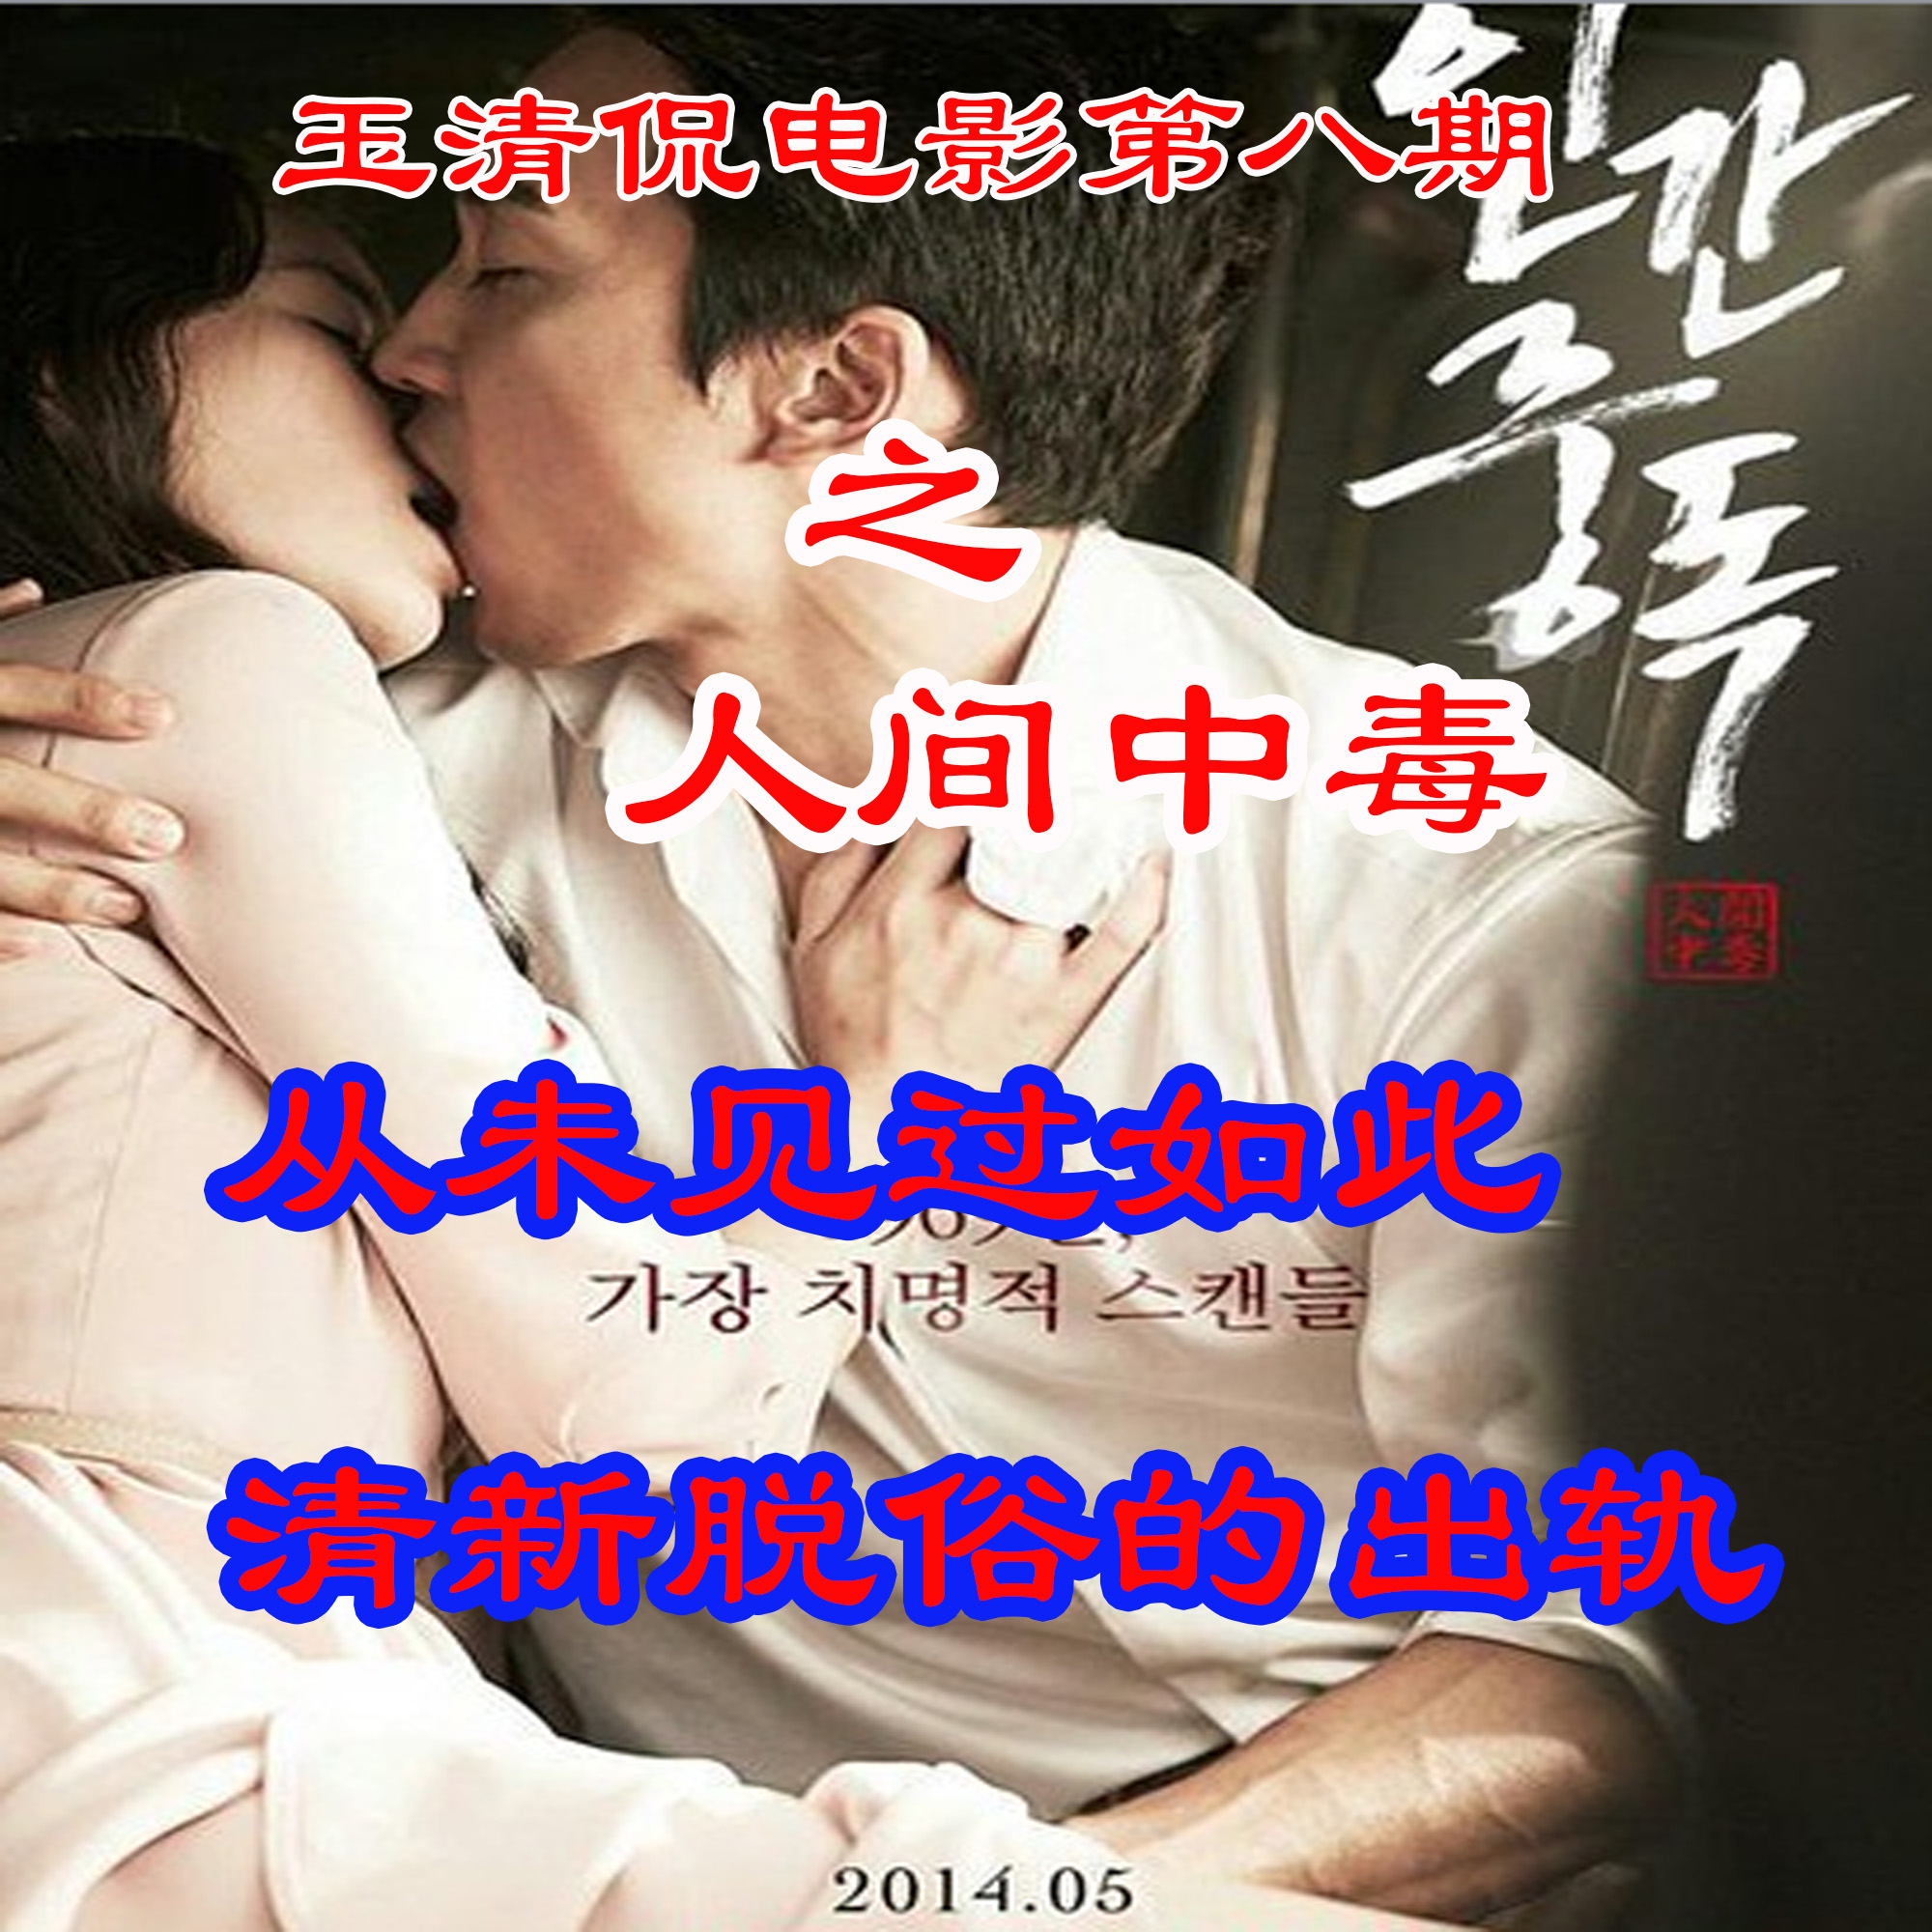 #惊悚看电影#玉清侃电影:三分钟看完韩国出轨片《人间中毒》太解气了